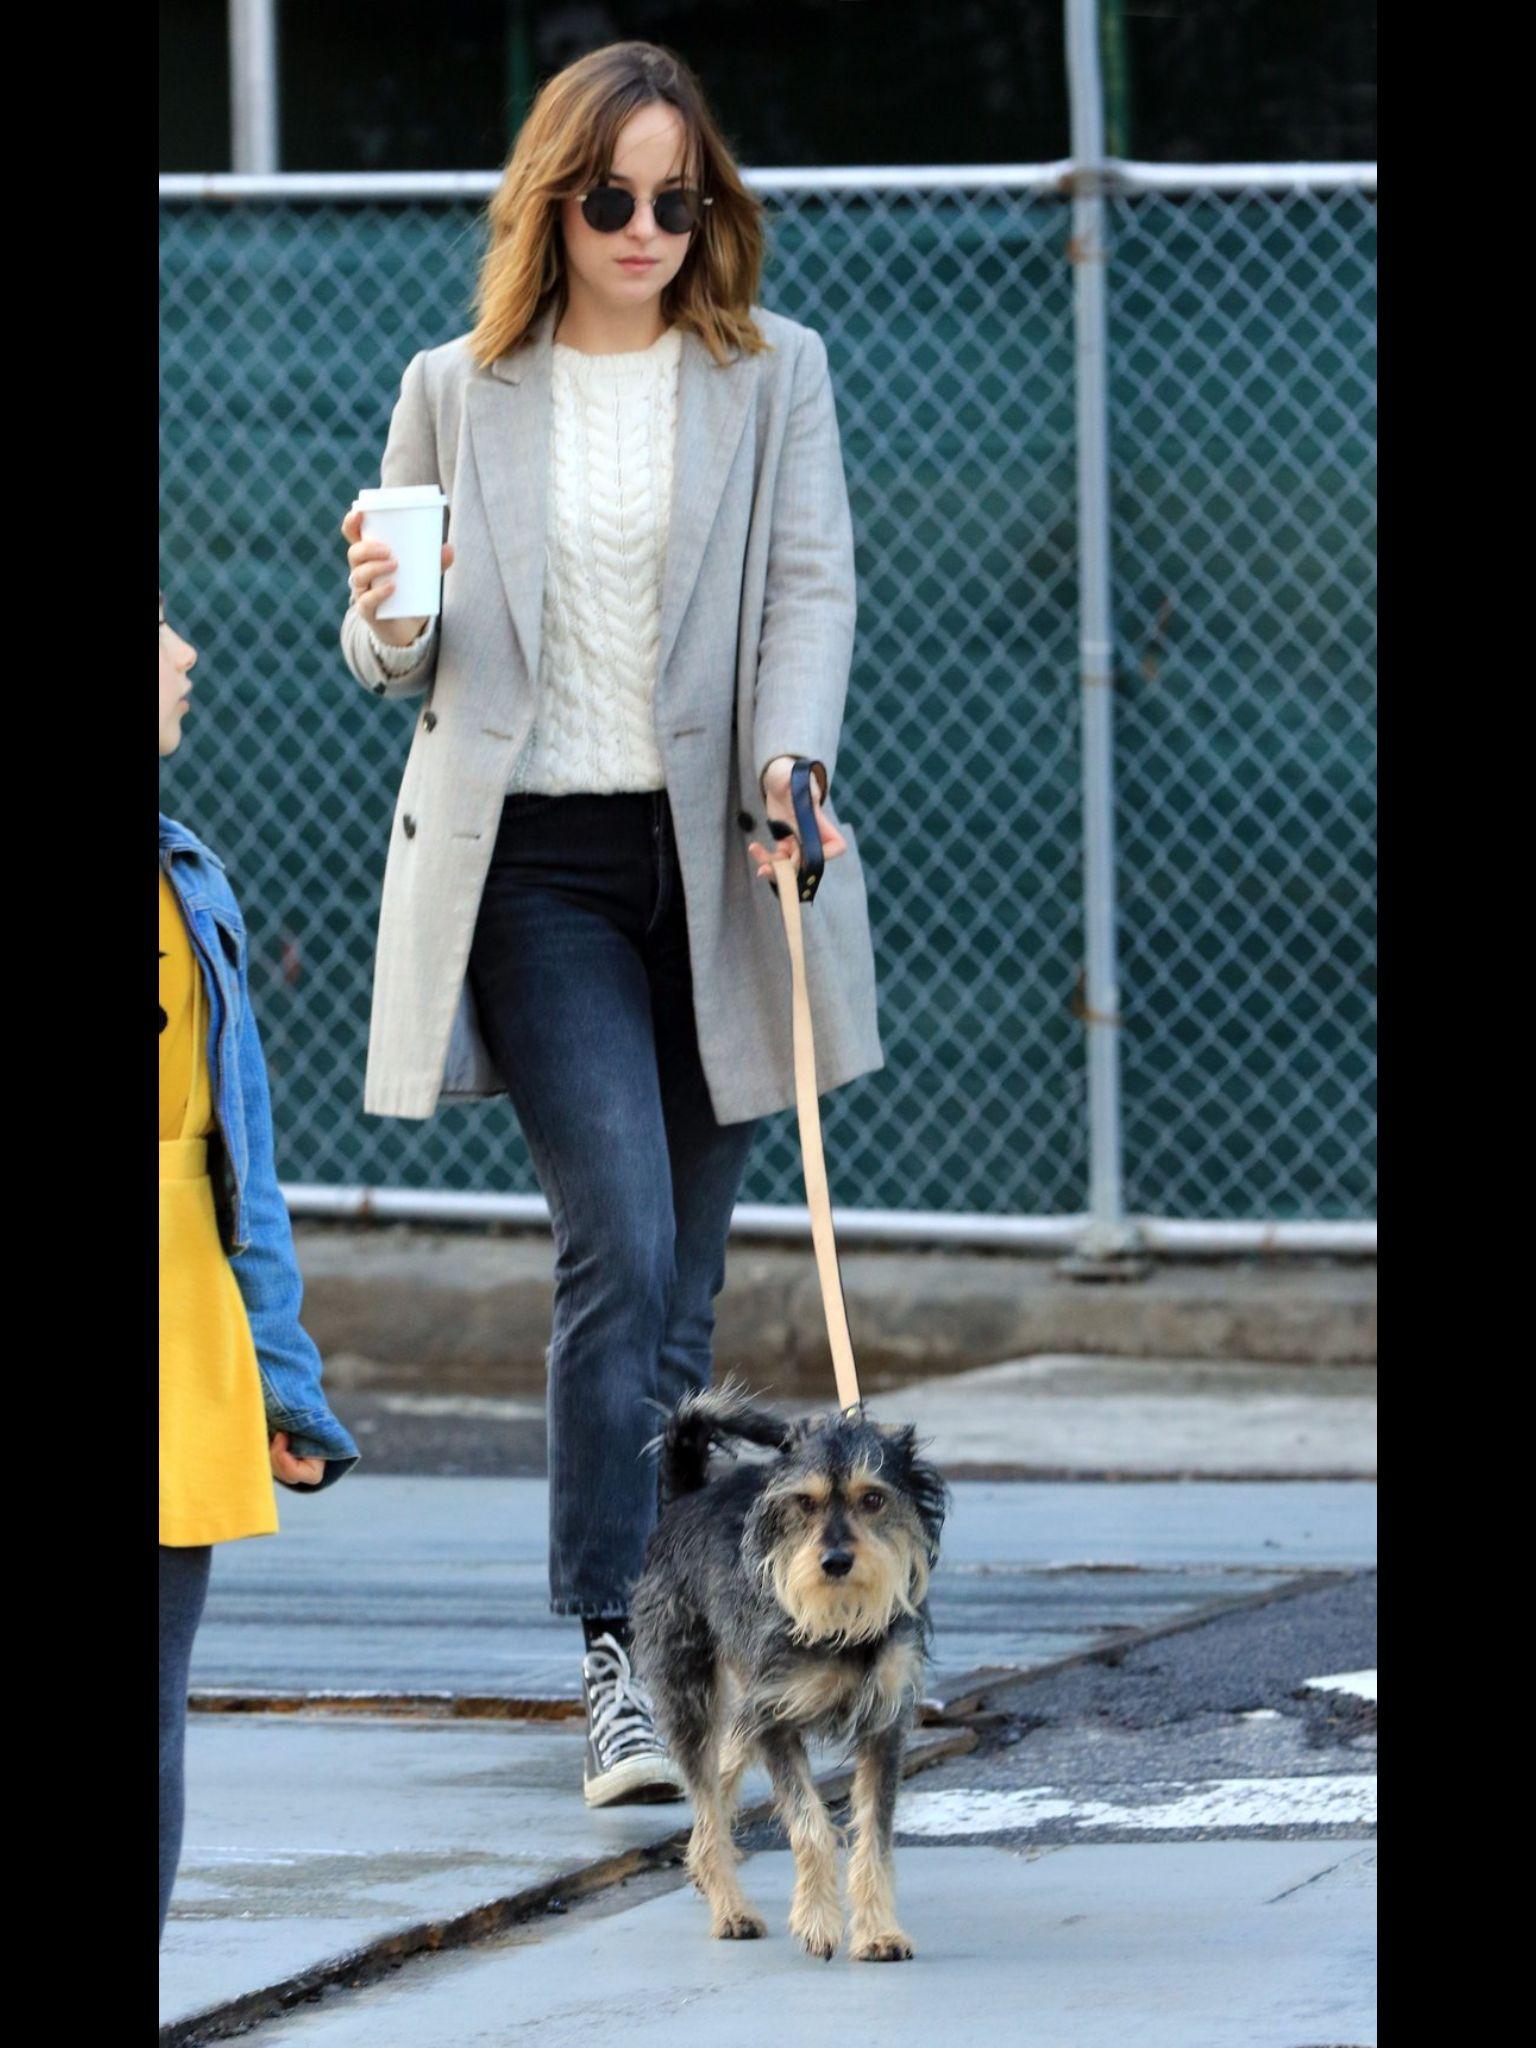 Dakota out walking her dog Zeppelin in NYC 1/10/15